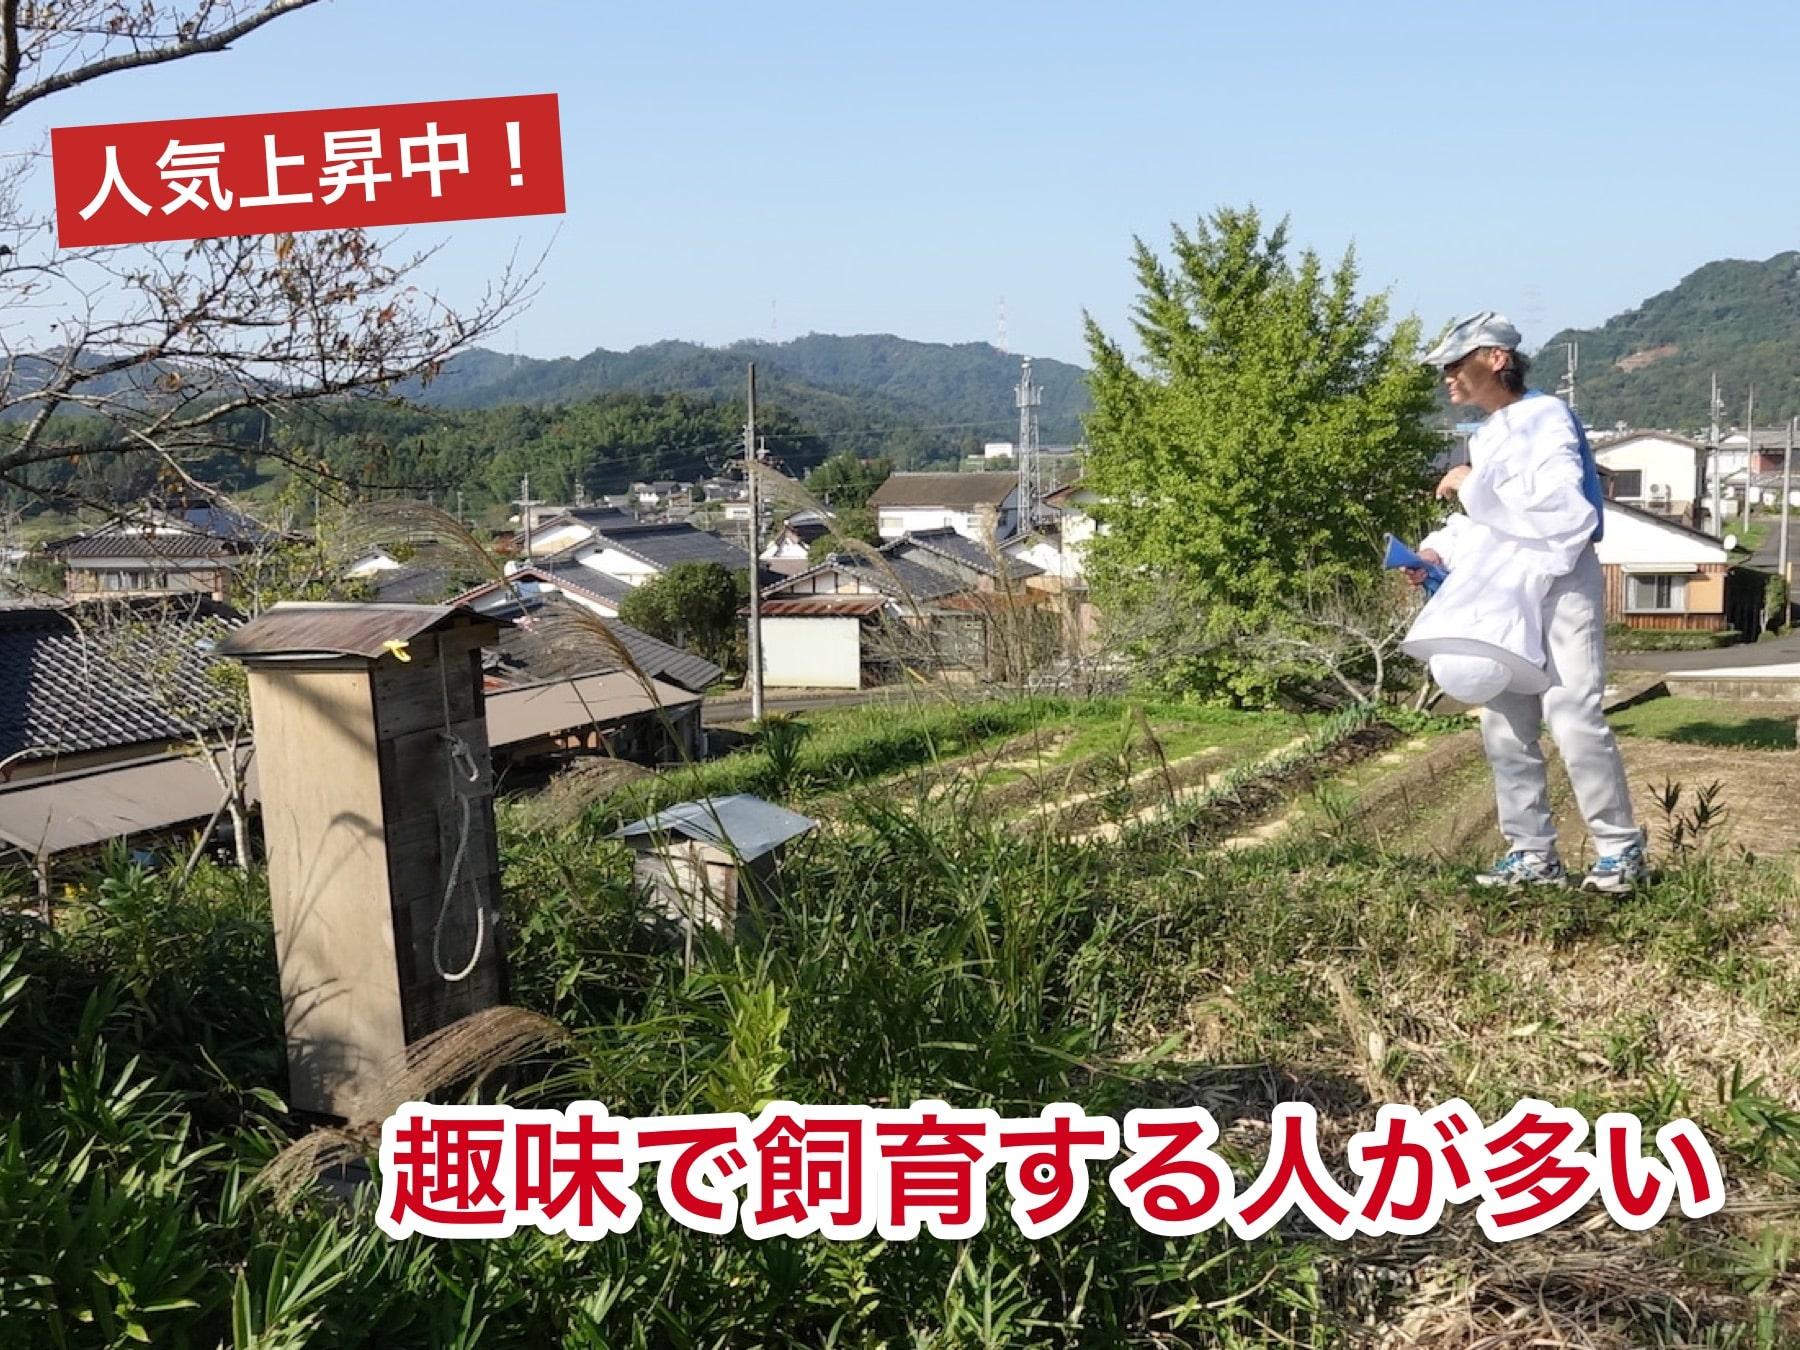 日本蜜蜂を趣味で飼育する人も多い